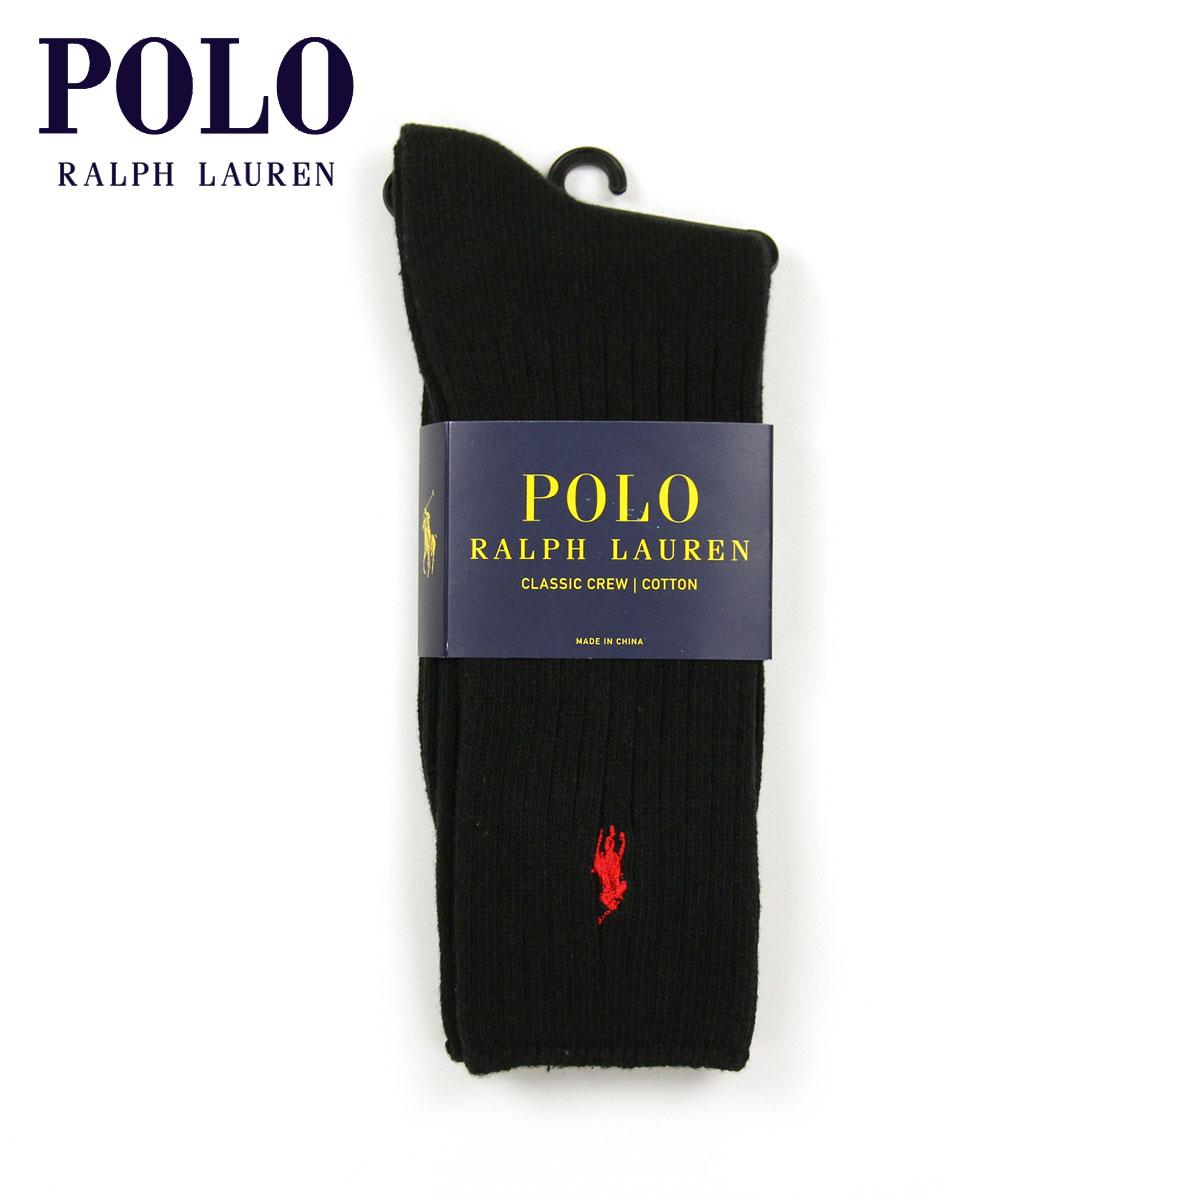 ポロ ラルフローレン POLO RALPH LAUREN 正規品 ソックス COTTON RIB SINGLE SOCK BLACK 001 - BLACK A05B B1C C3D D1E E13F